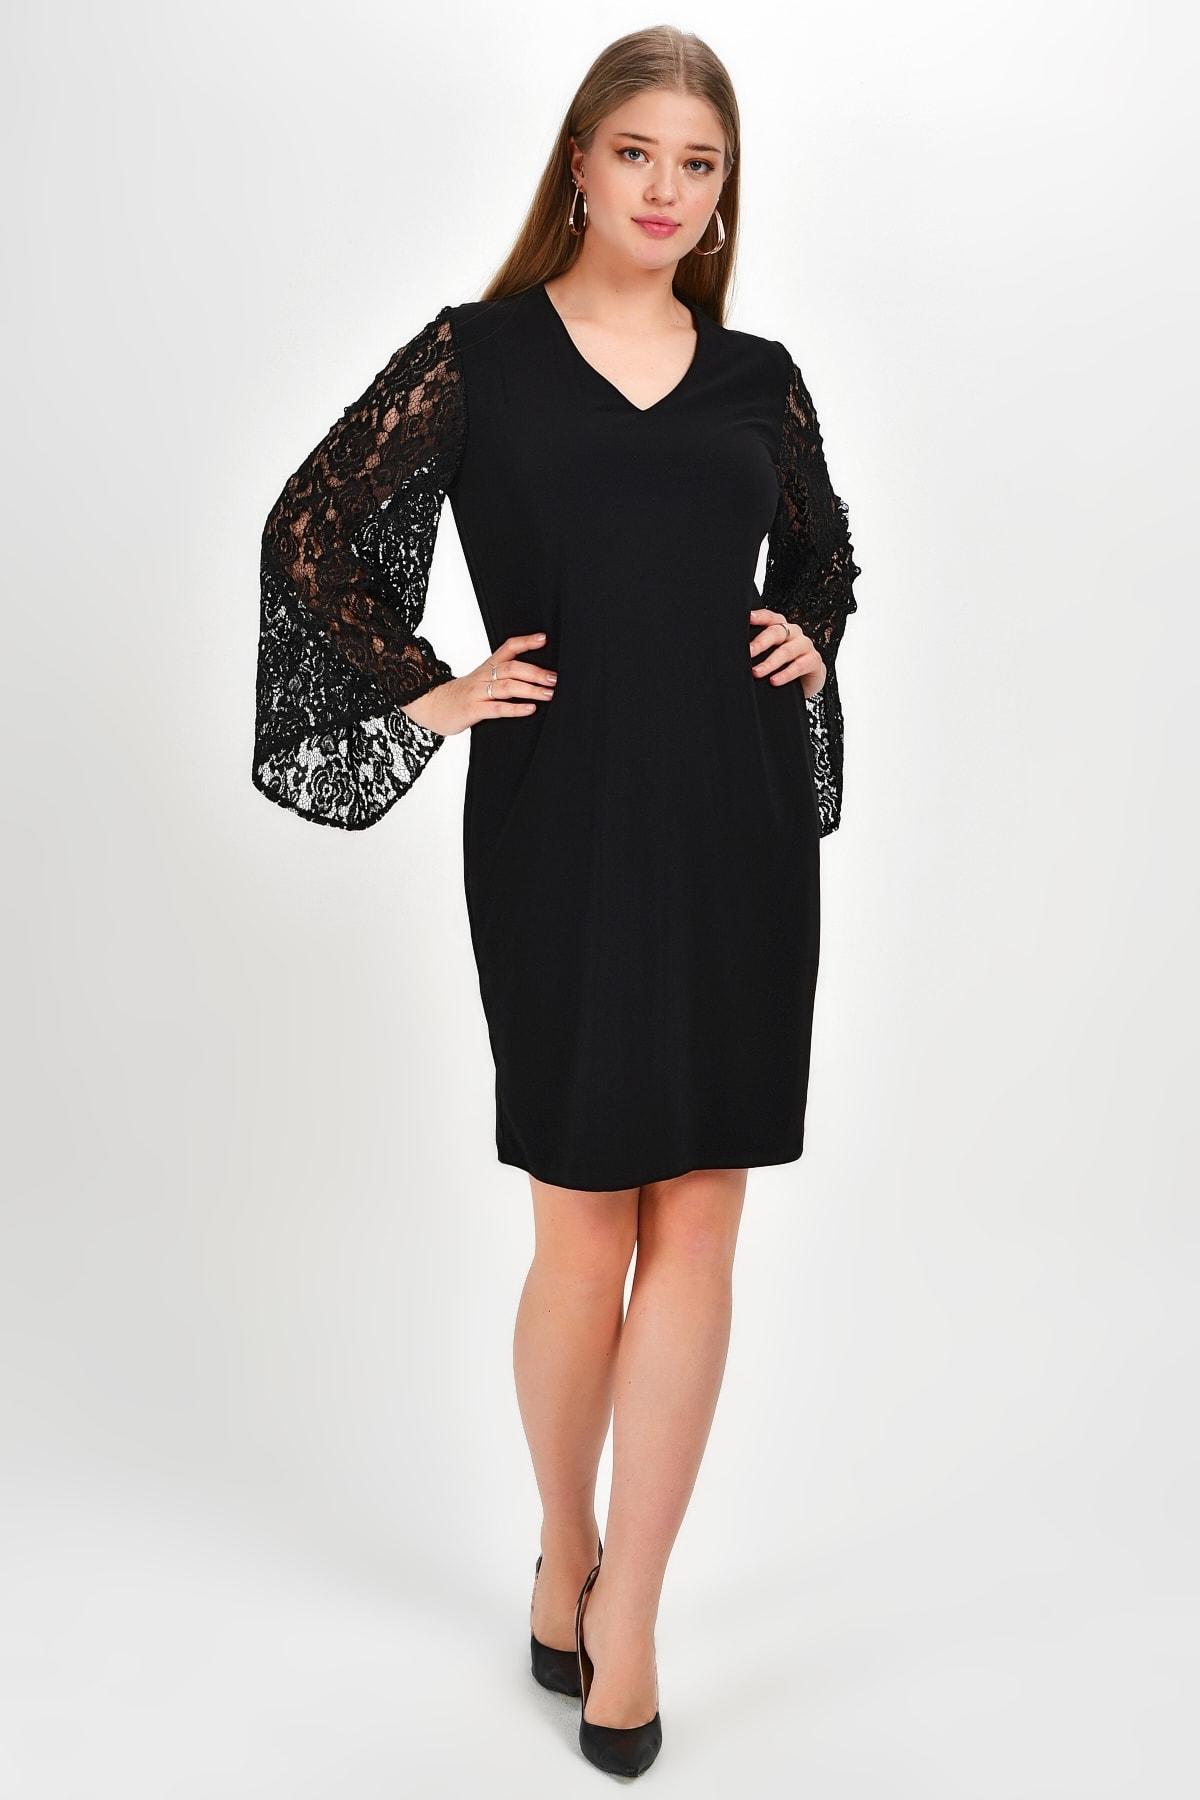 Laranor Kadın Siyah Dantel Kol Detay Elbise 19Lb9214